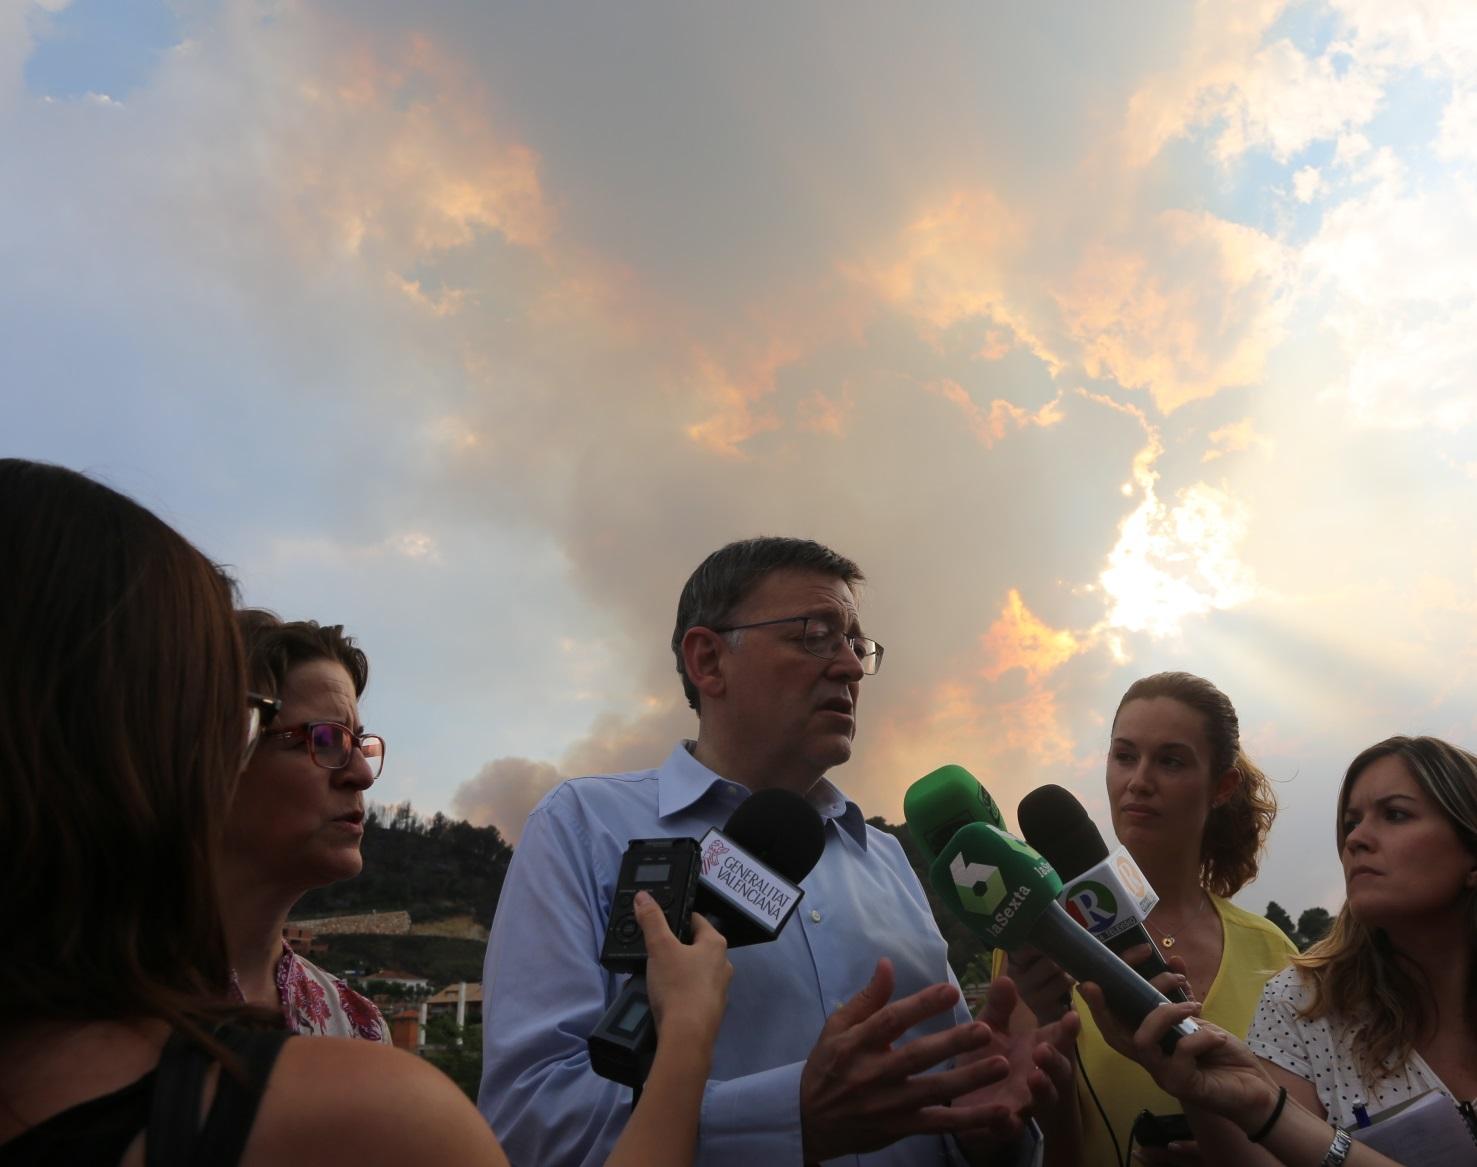 El President de la Generalitat, Ximo Puig, durante su visita a la zona afectada por el incendio.